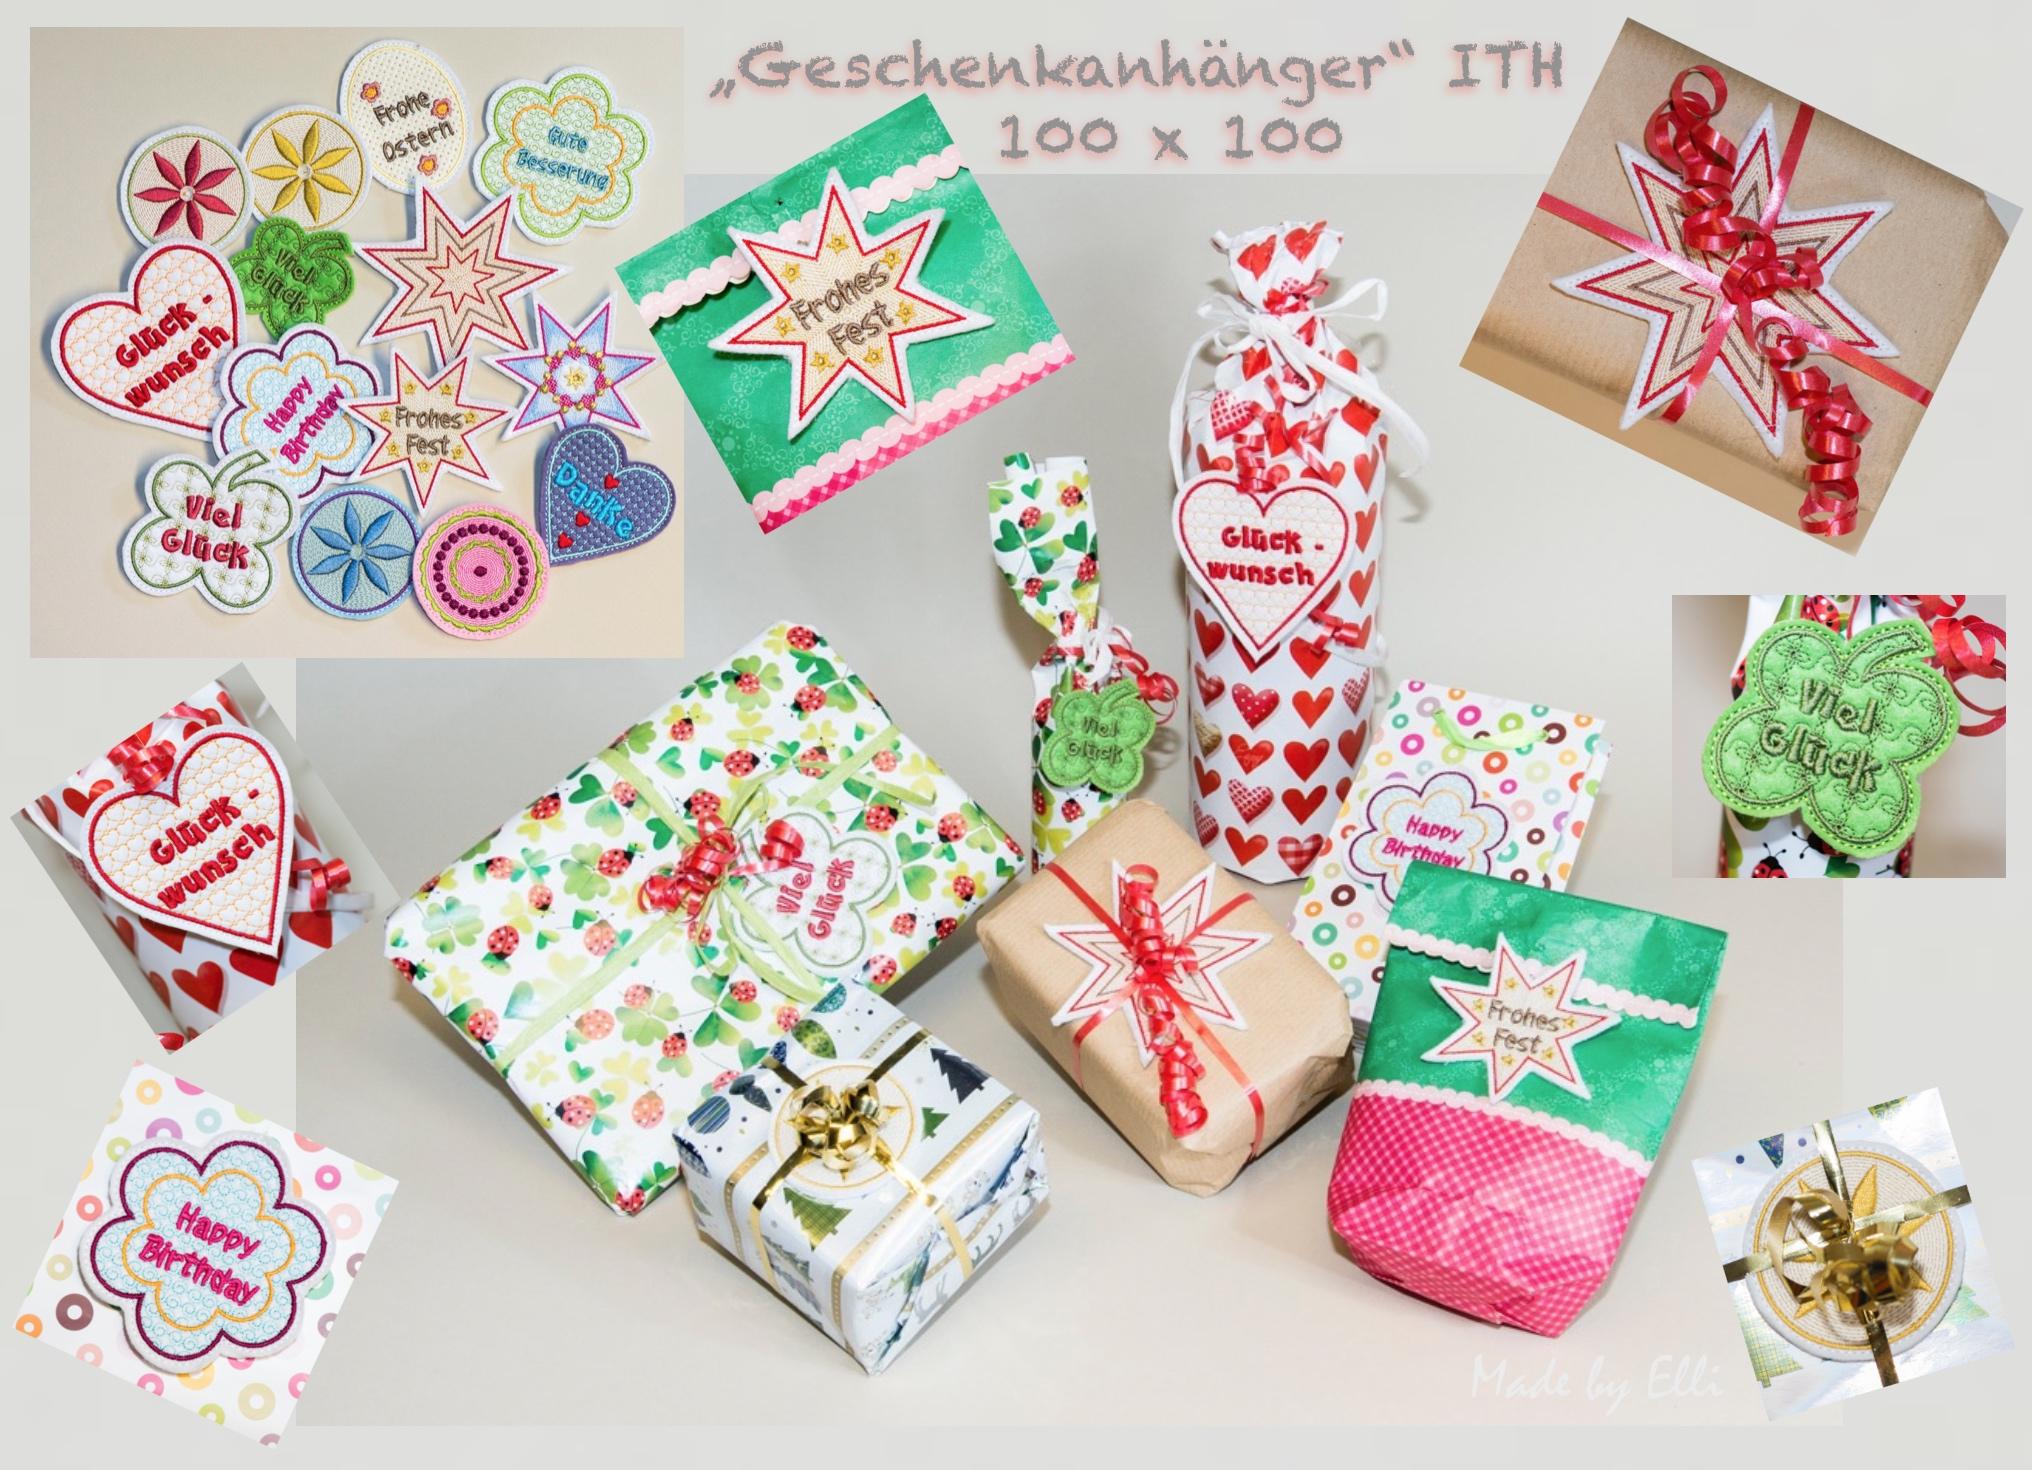 Geschenkanhänger ITH 10x10